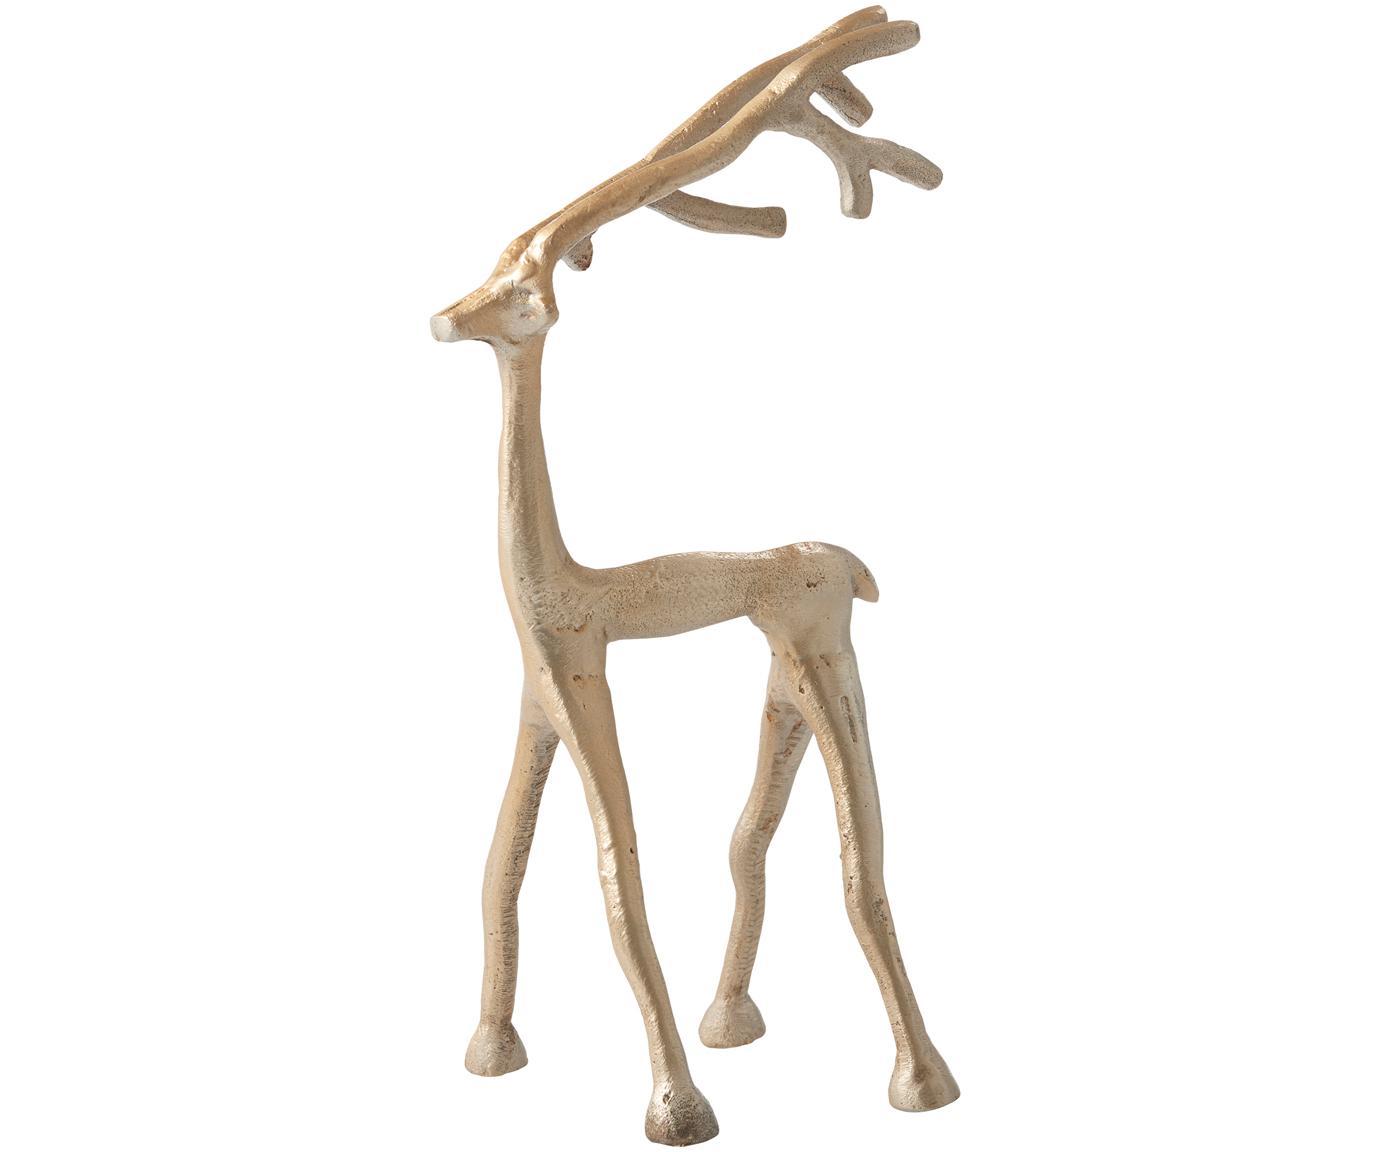 Decoratief object Marley Reindeer, Gecoat aluminium, Messingkleurig, 14 x 27 cm